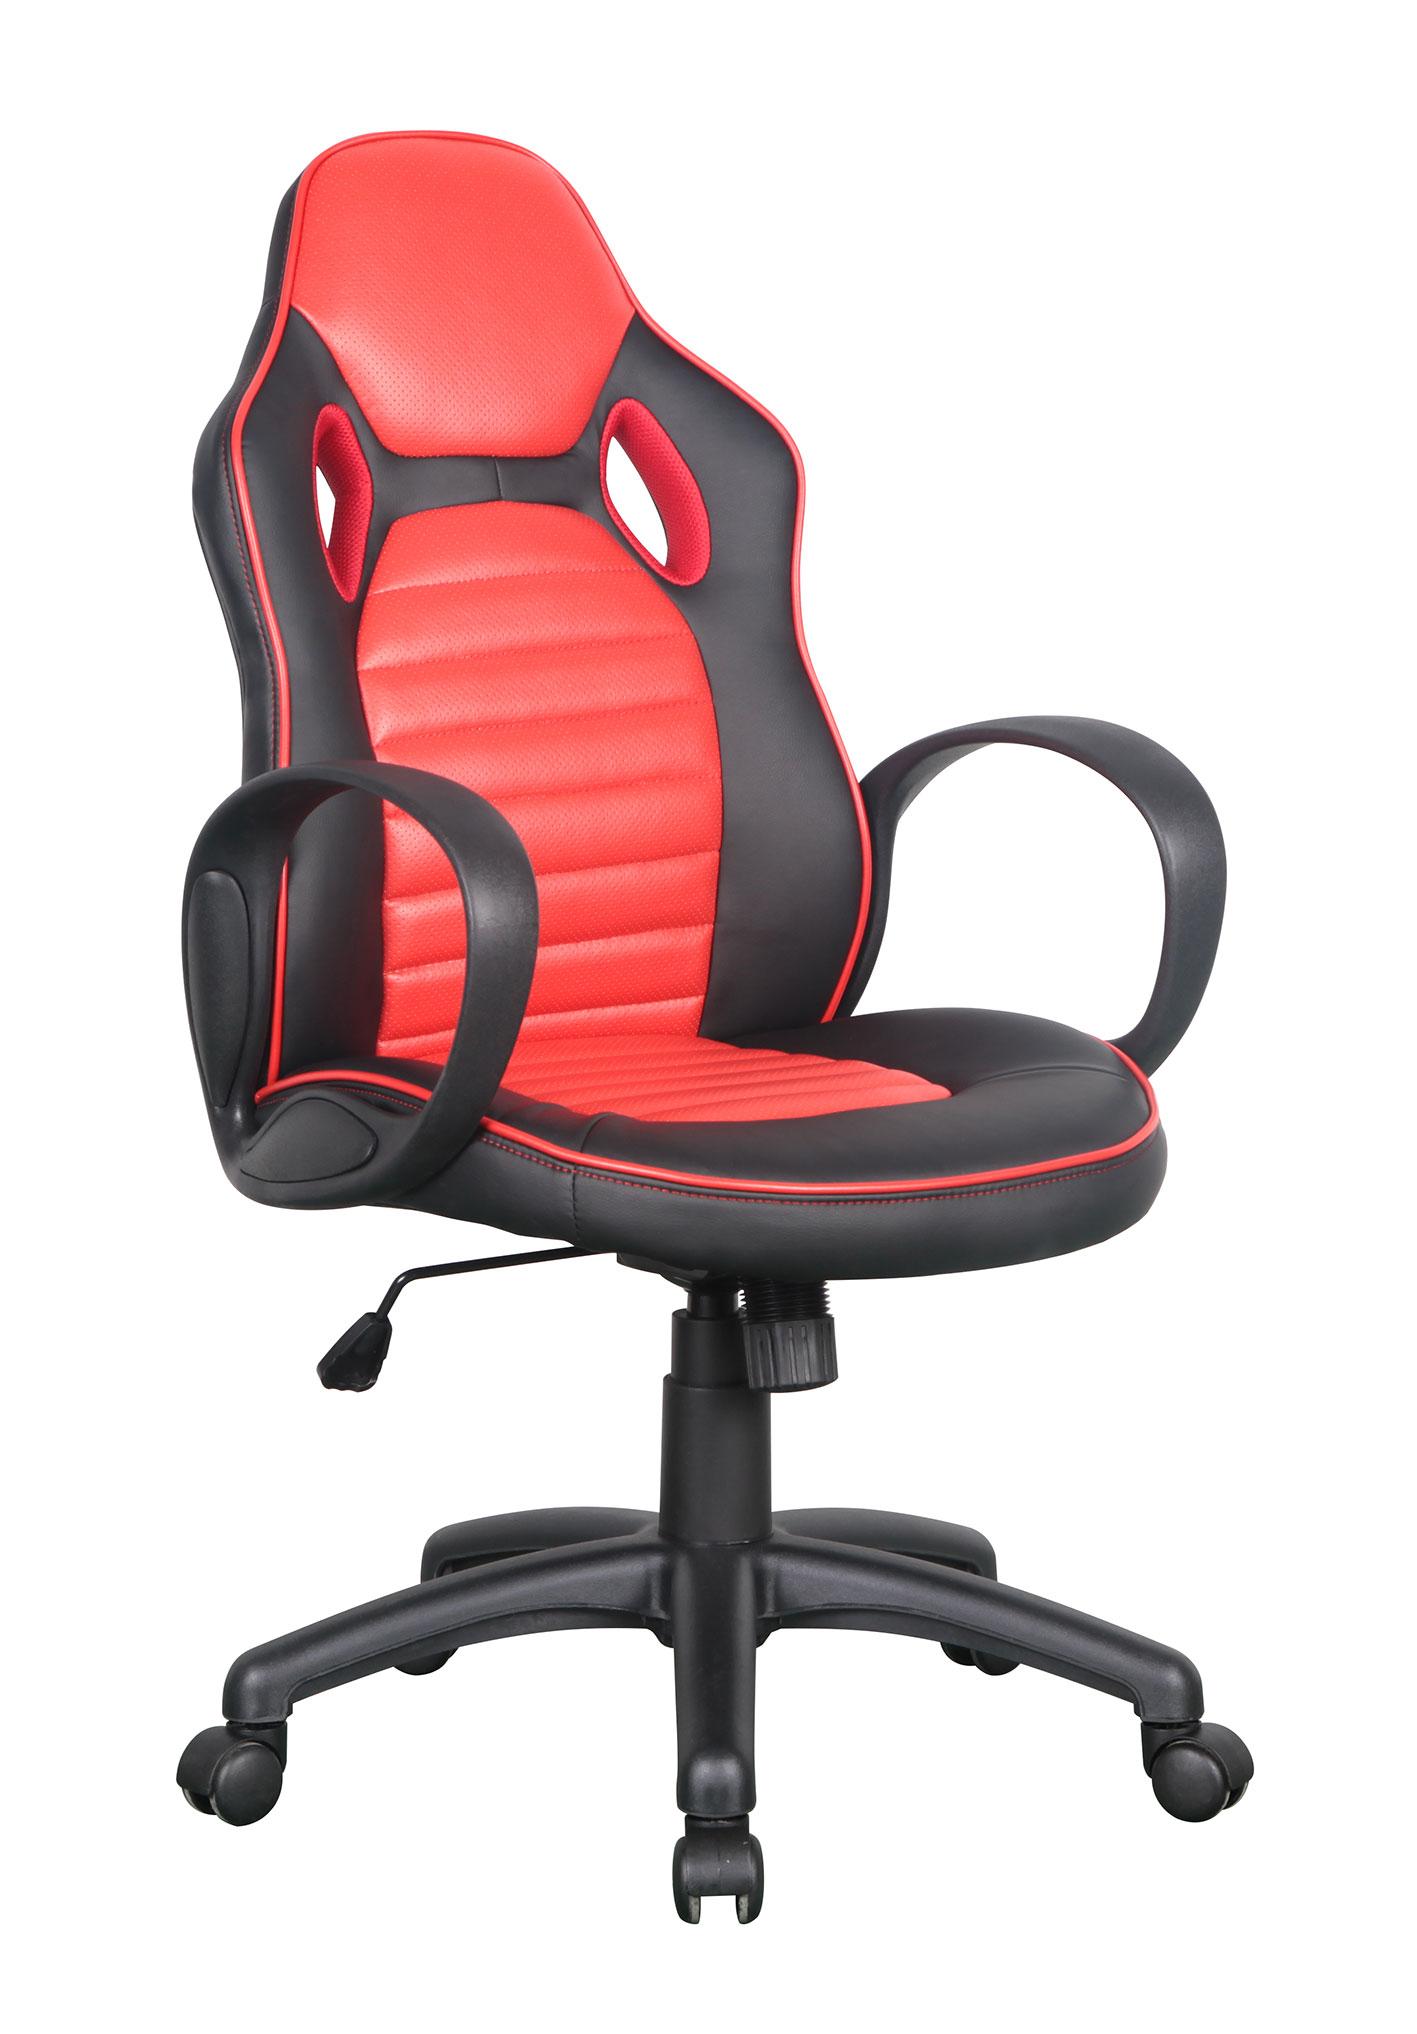 Sixbros racing silla de oficina silla giratoria for Oficinas race